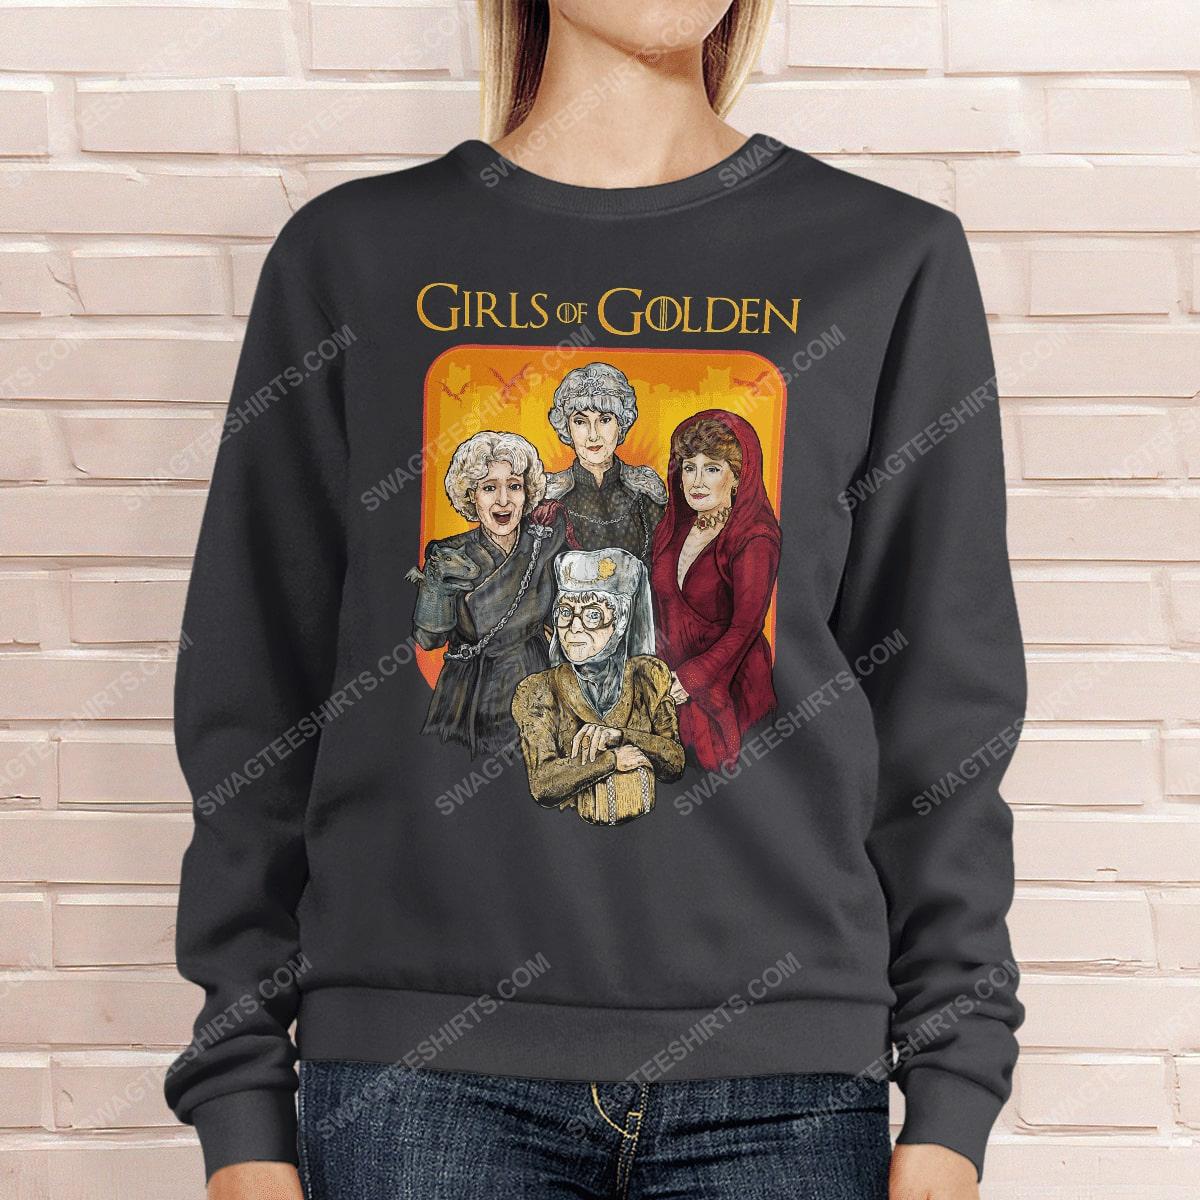 Game of thrones and the golden girls girls of golden sweatshirt 1(1)